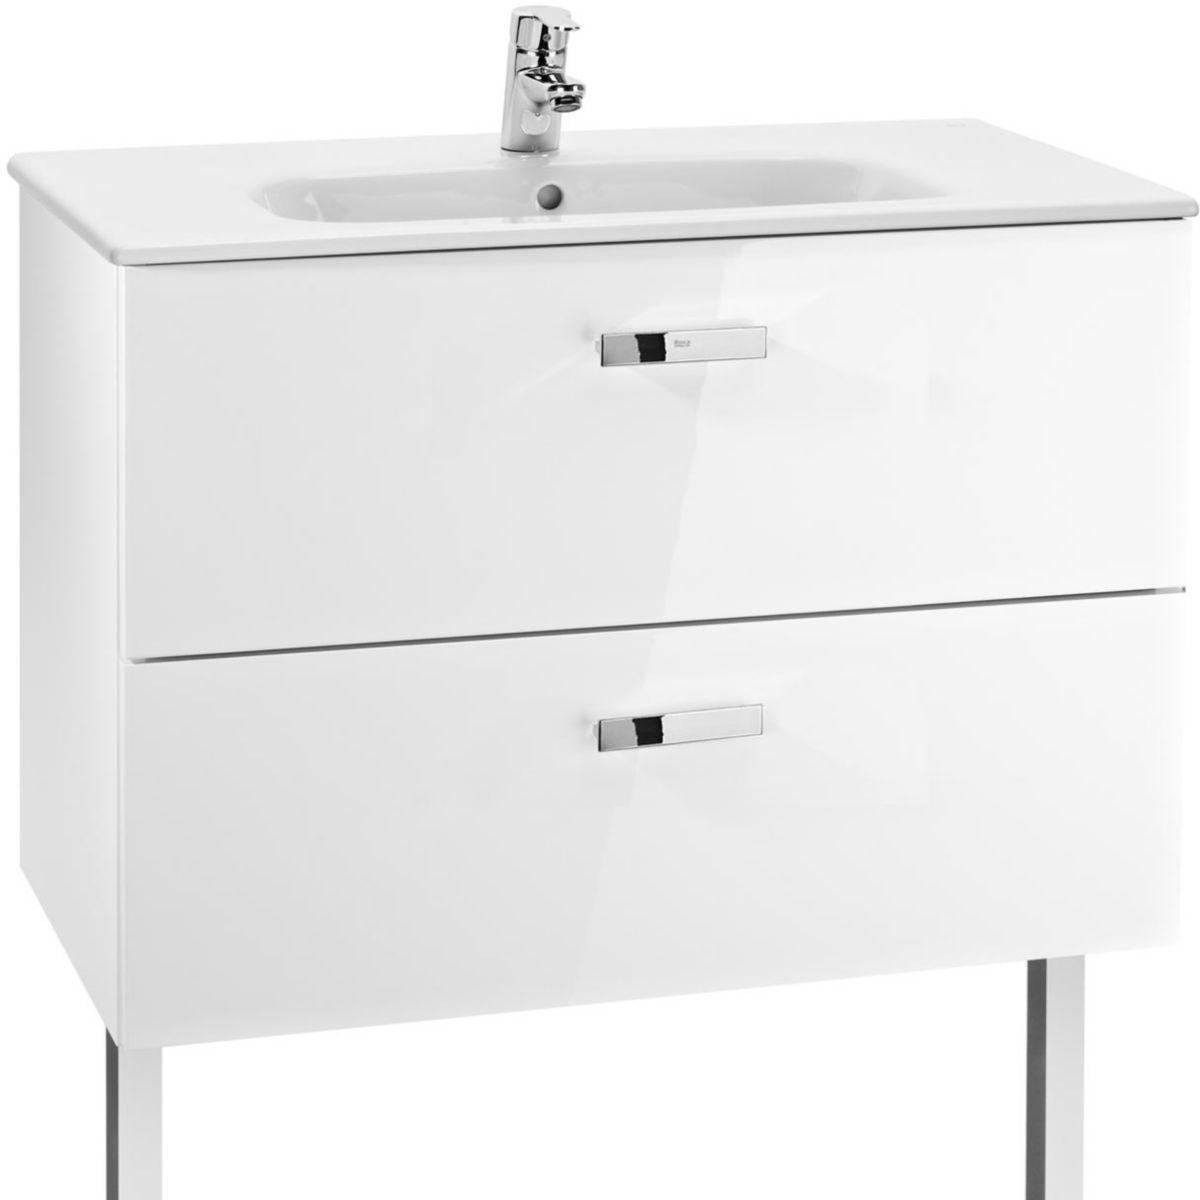 Meuble vasque salle de bain cedeo cheap meuble de salle for Meuble vasque roca